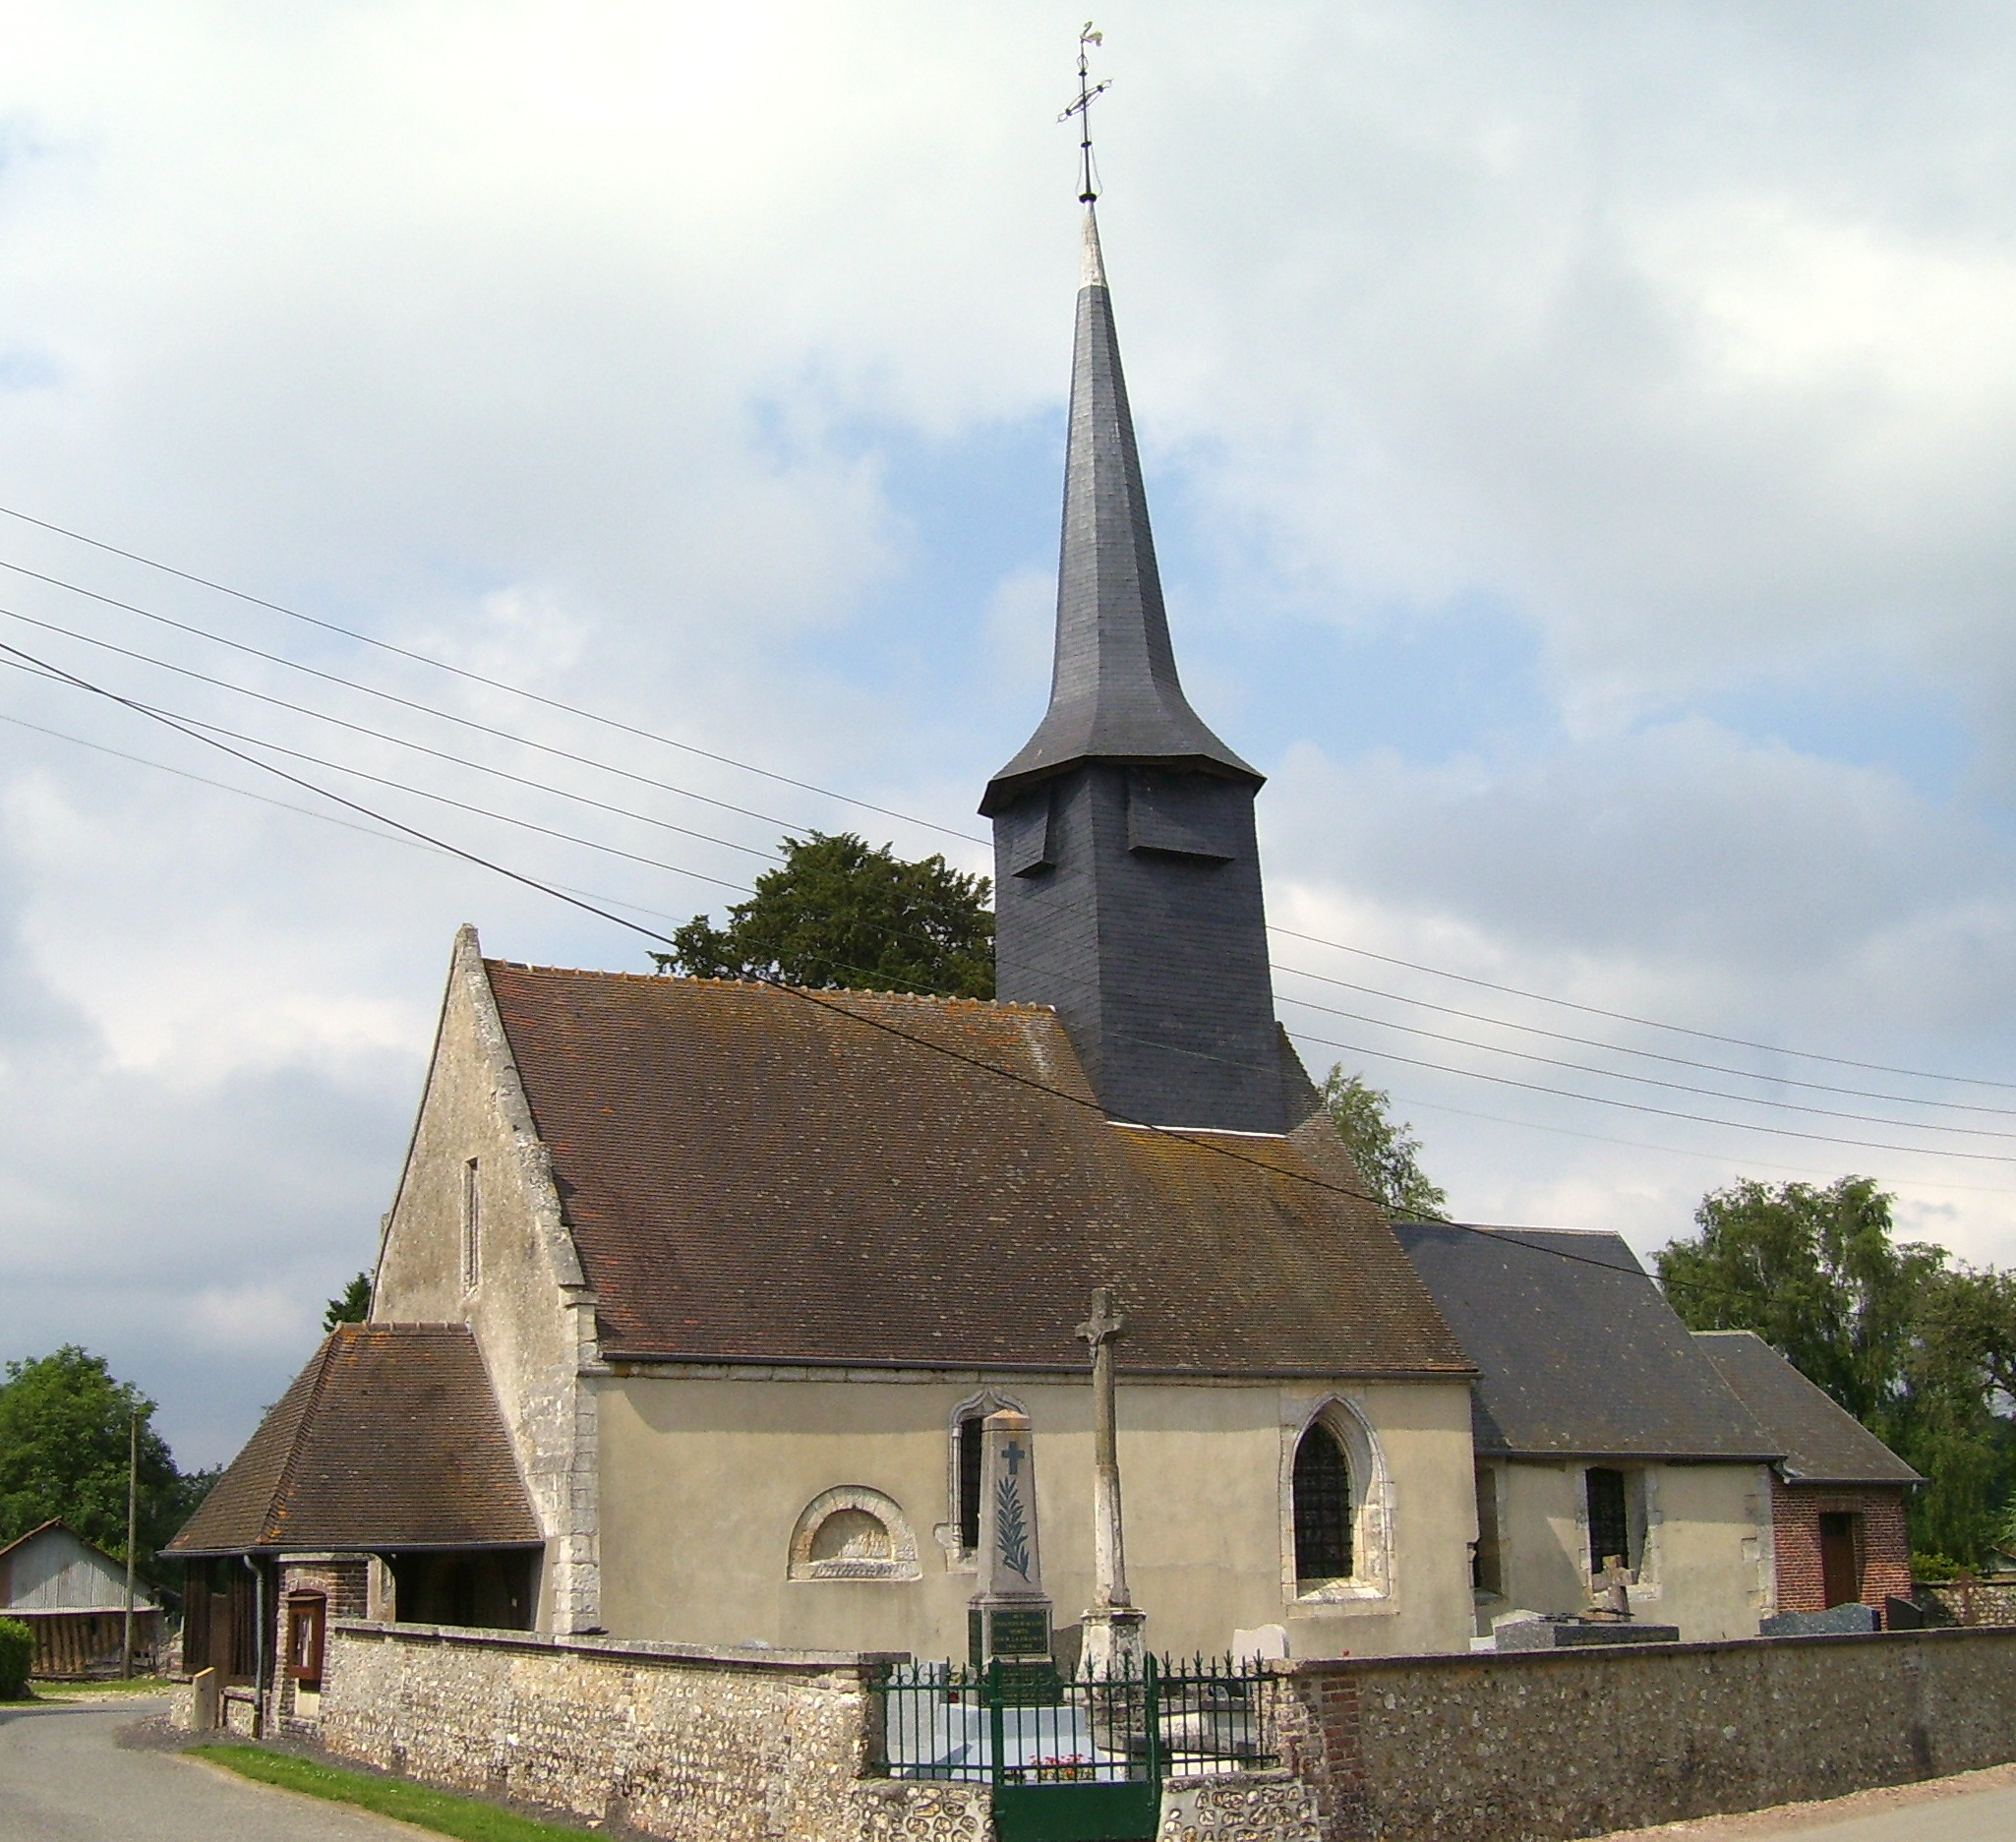 Église Saint-Rémi, eigenes Foto, Lizenz:public domain/gemeinfrei